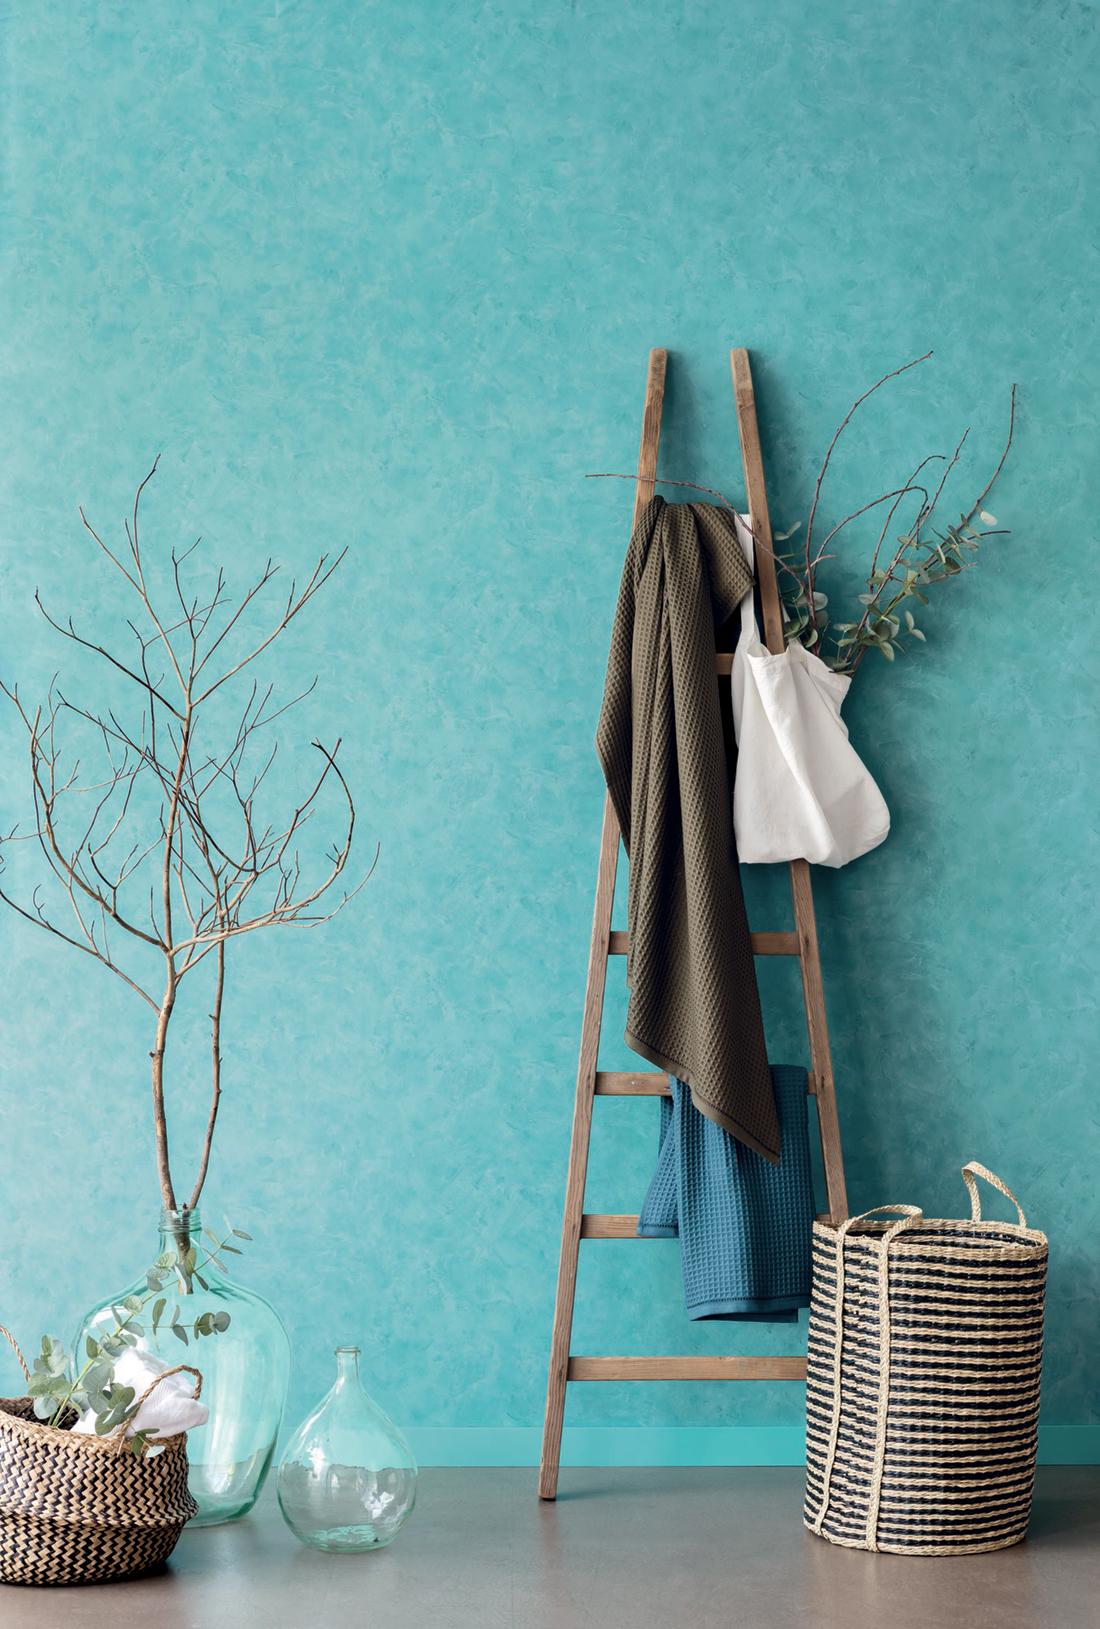 Amb Papier peint Effet béton turquoise - Patine de Casélio   Réf. PAI100226160